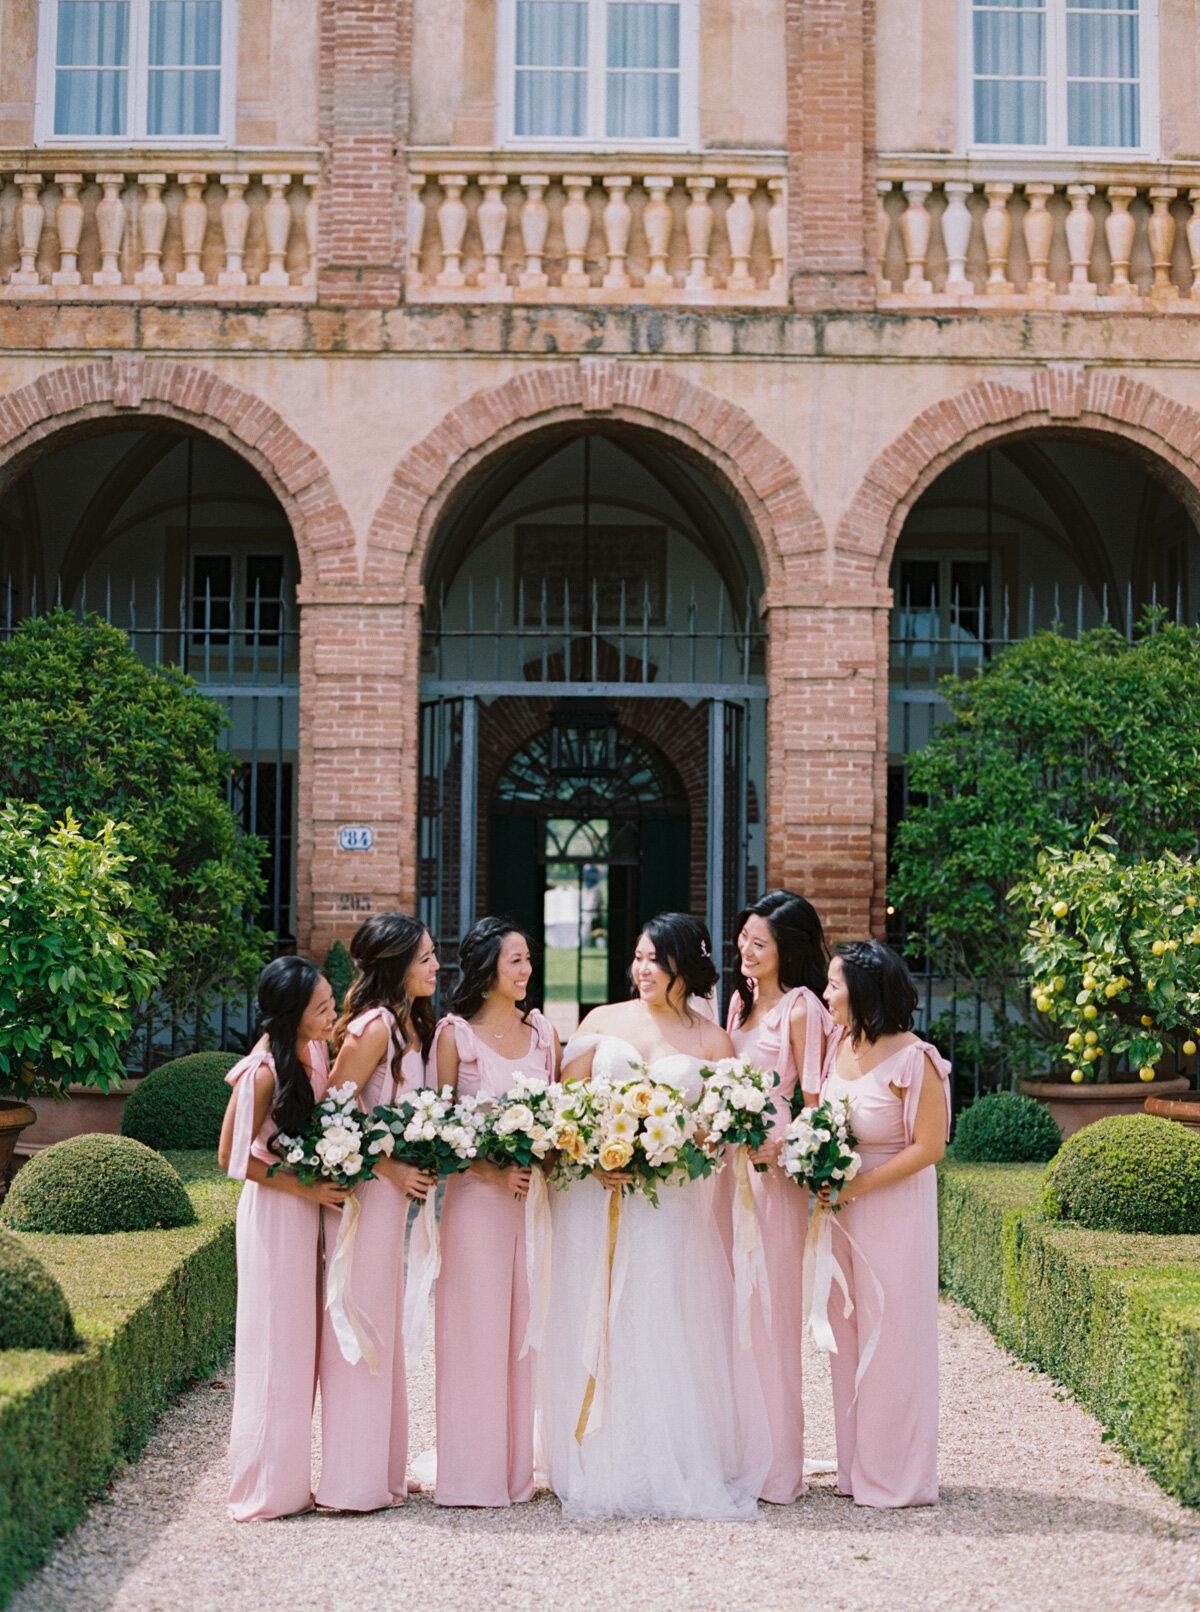 Villa-Cetinale-Tuscany-Katie-Grant-destination-wedding (43 of 115).jpg